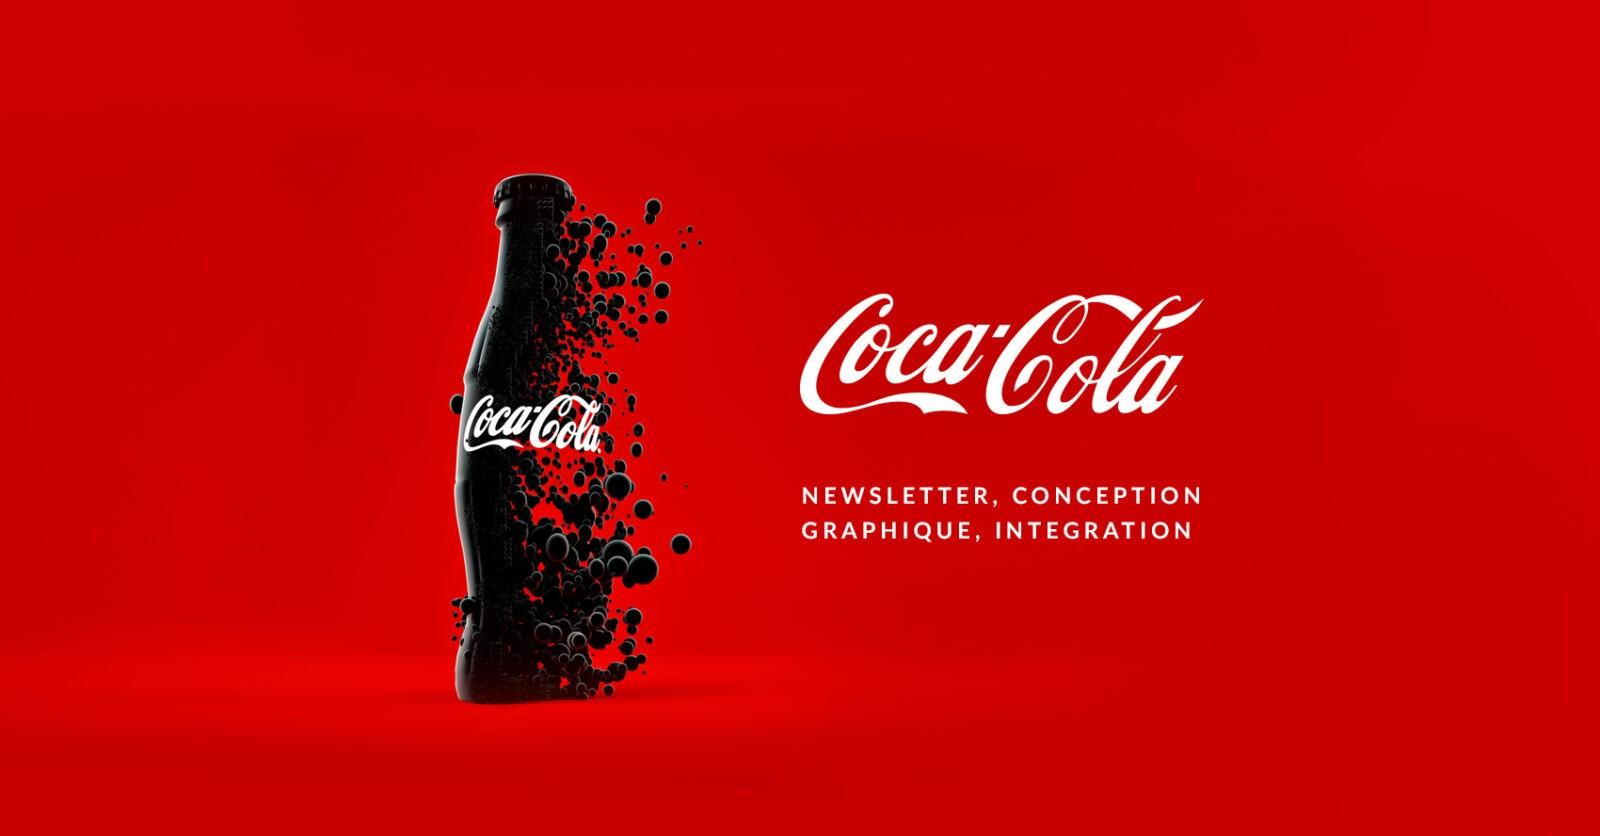 Conception graphique et E-mailing pour Coca-cola par l'agence web Mojjoo.